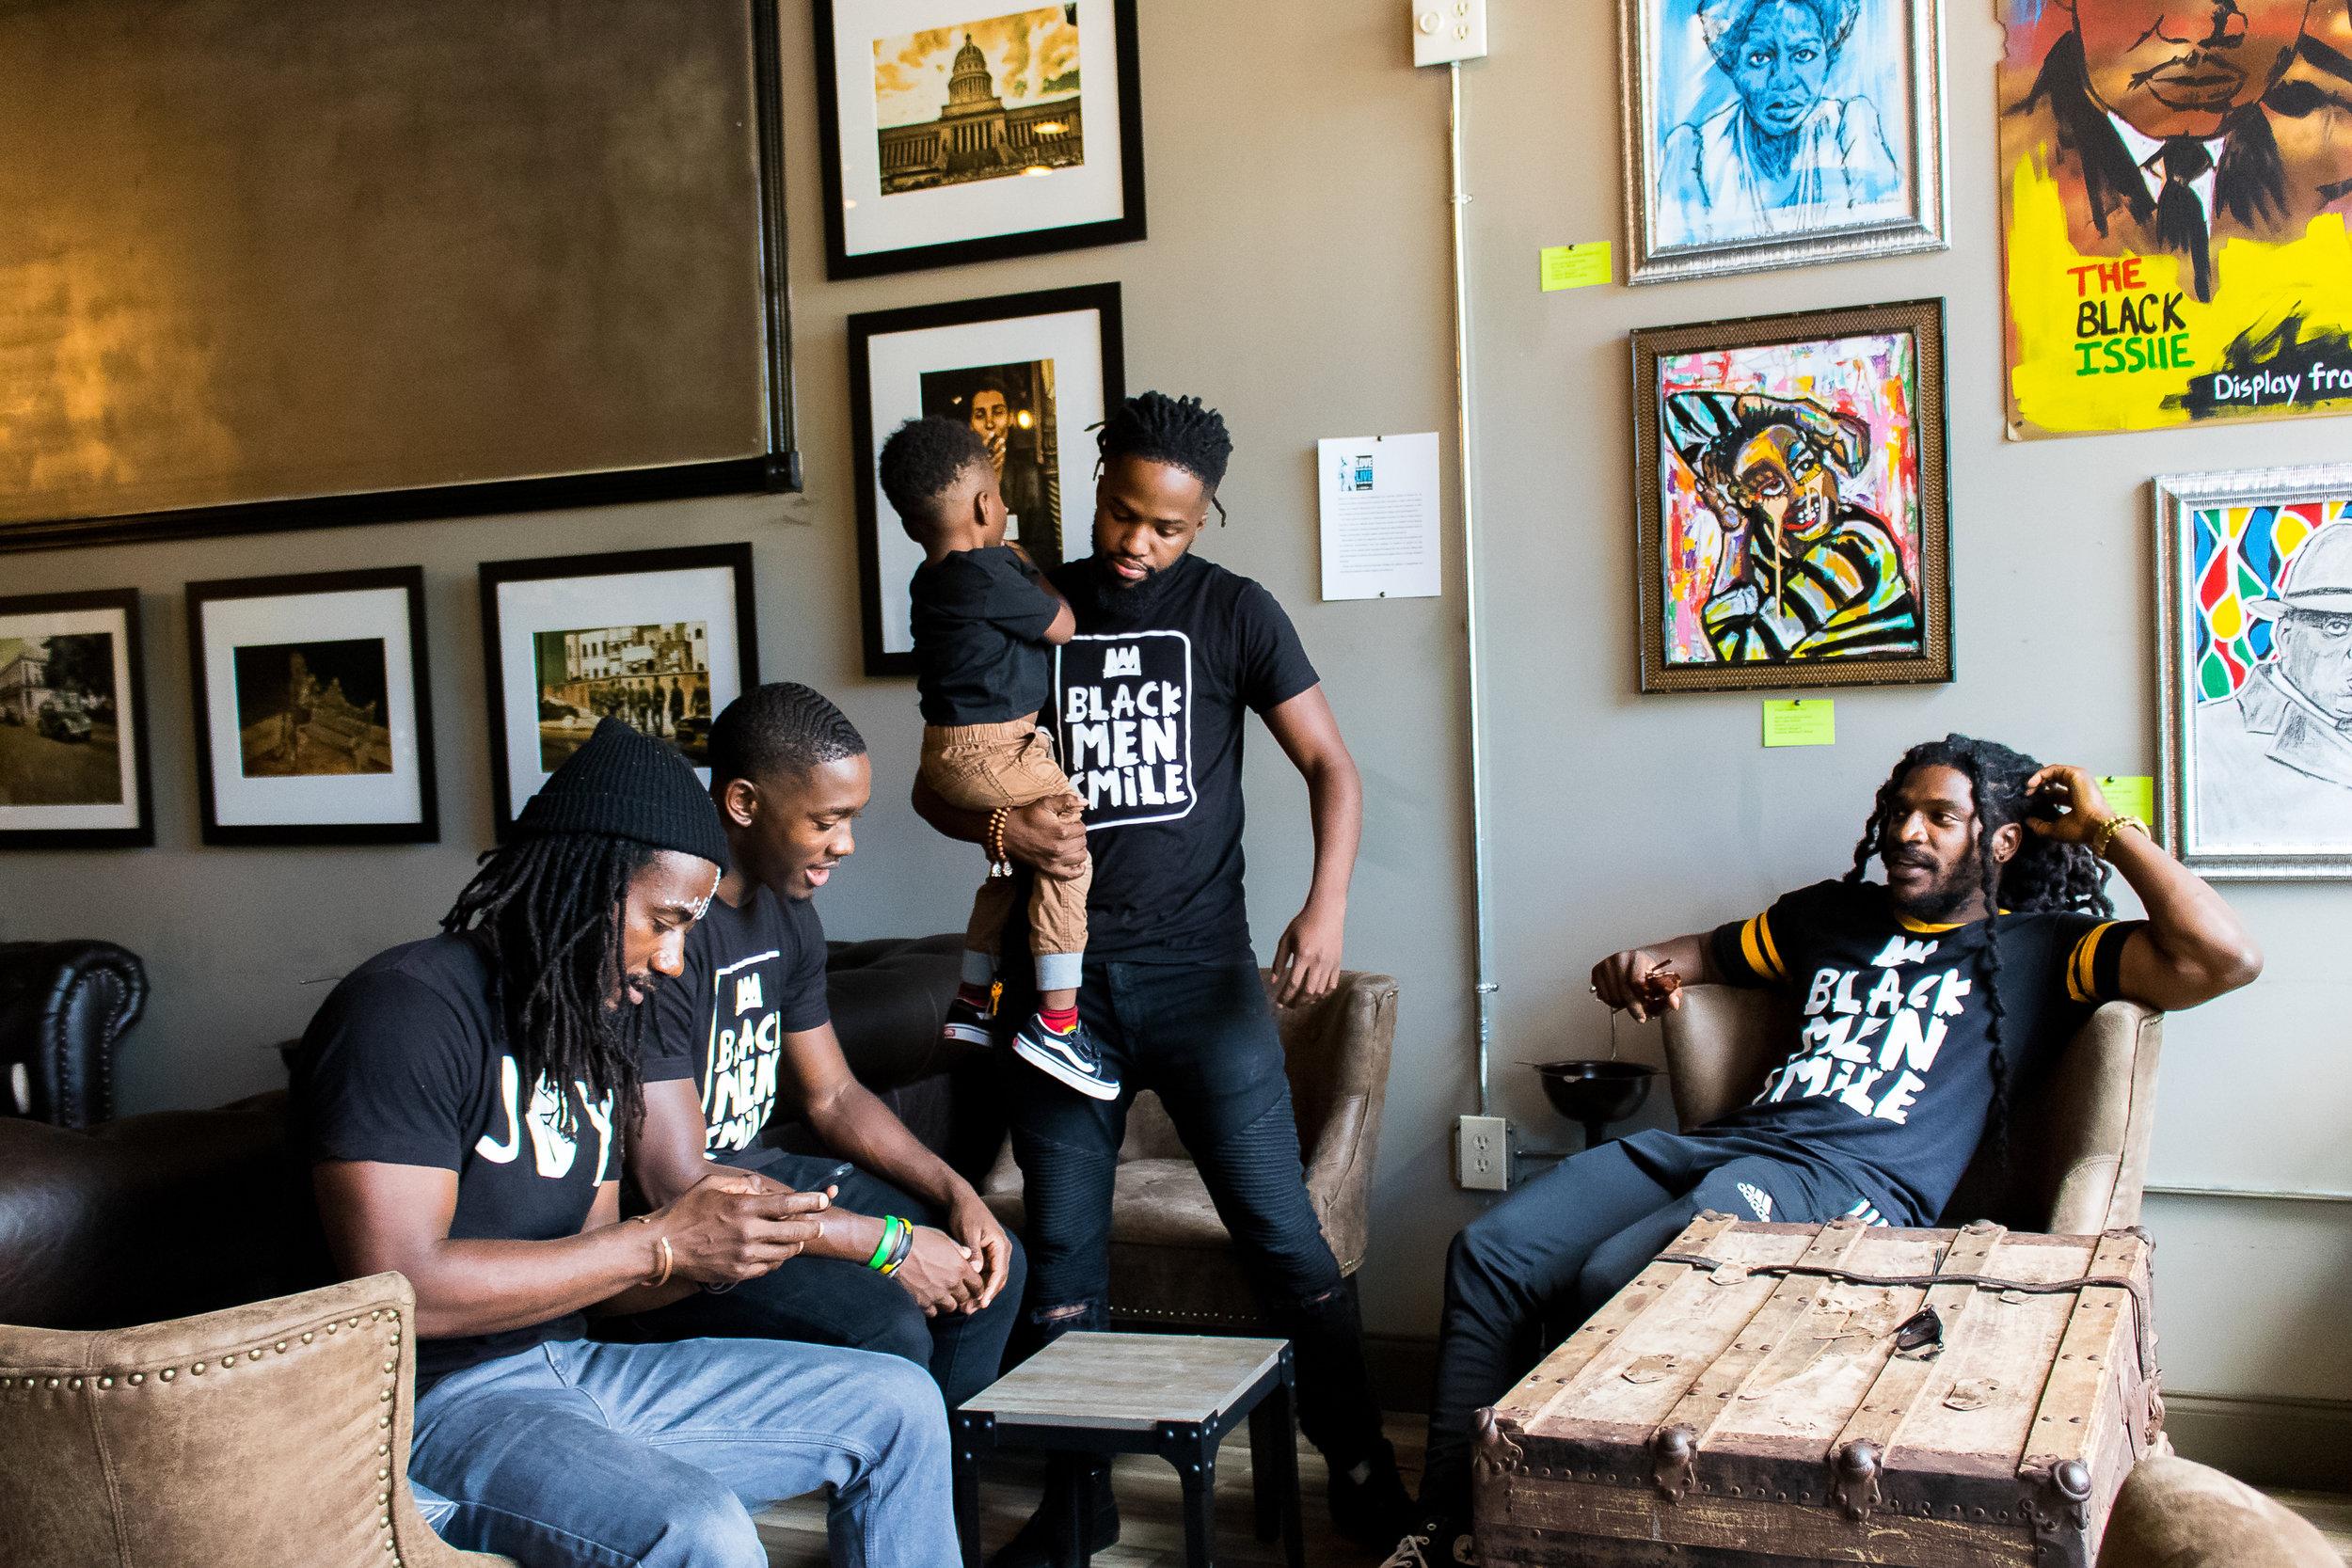 Black Men Smile - 2017 -Black Men Smile - 2017 -IMG_2339 (resized).jpg